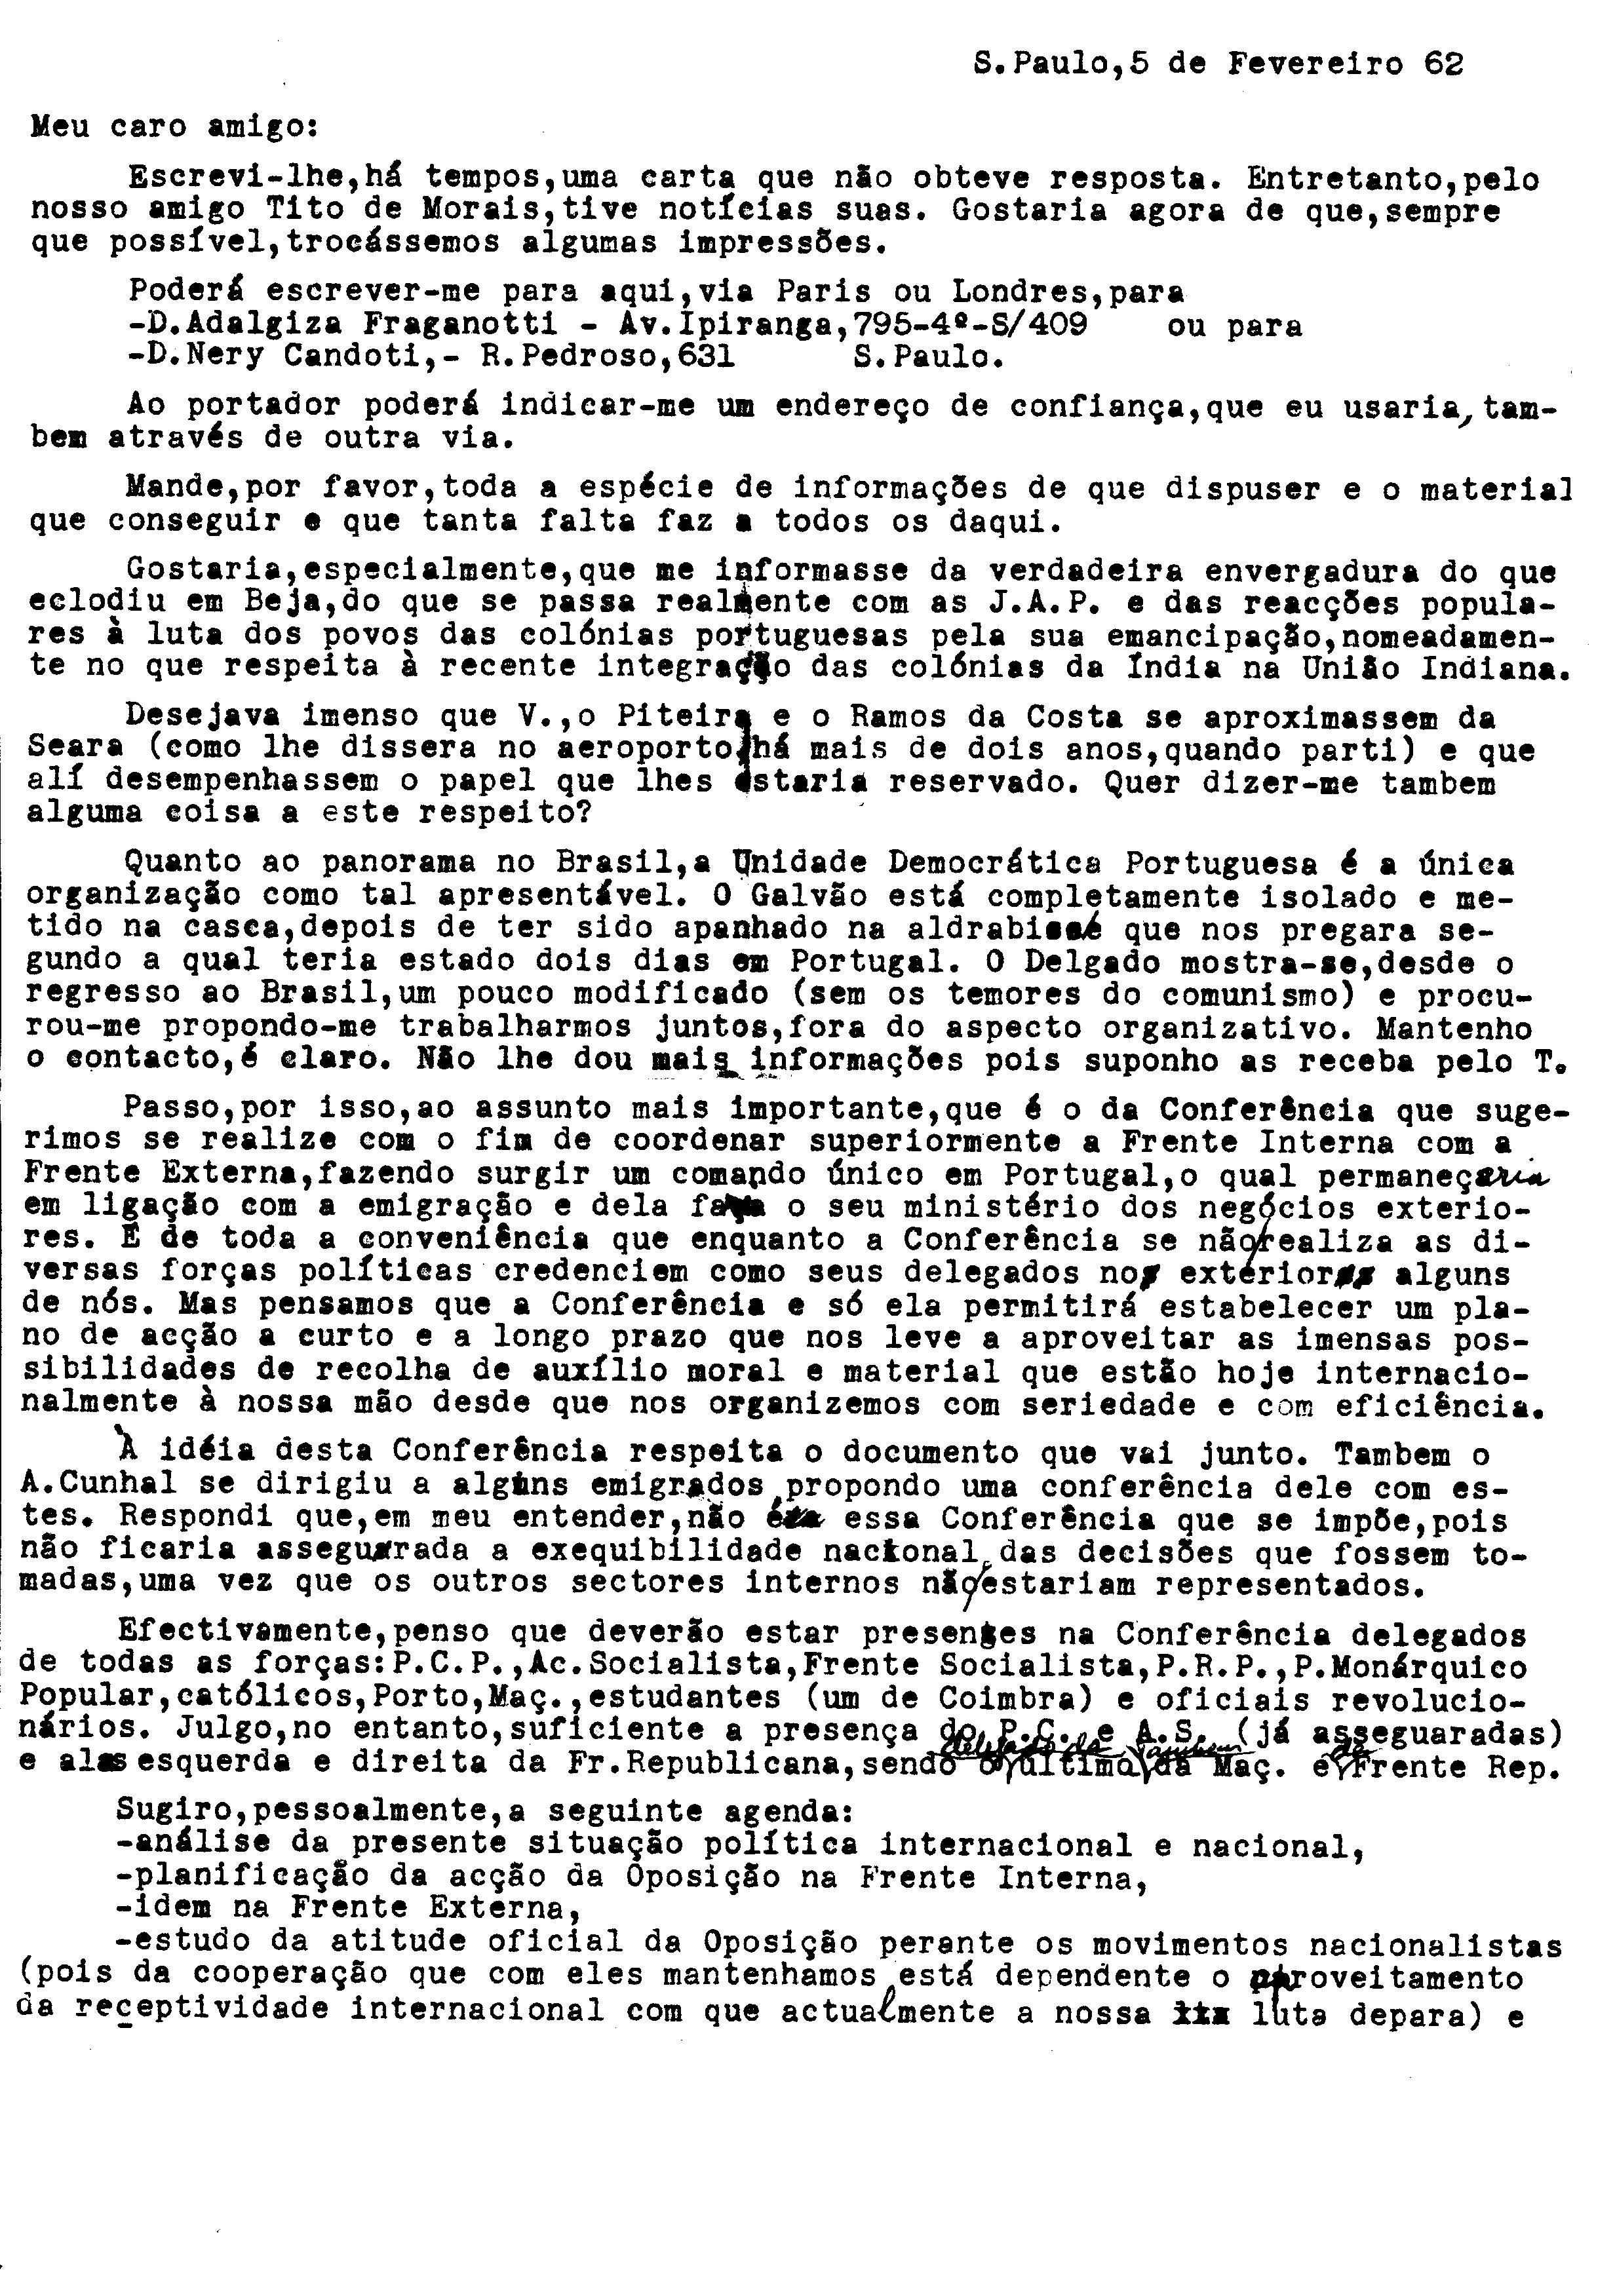 02600.011.003- pag.1